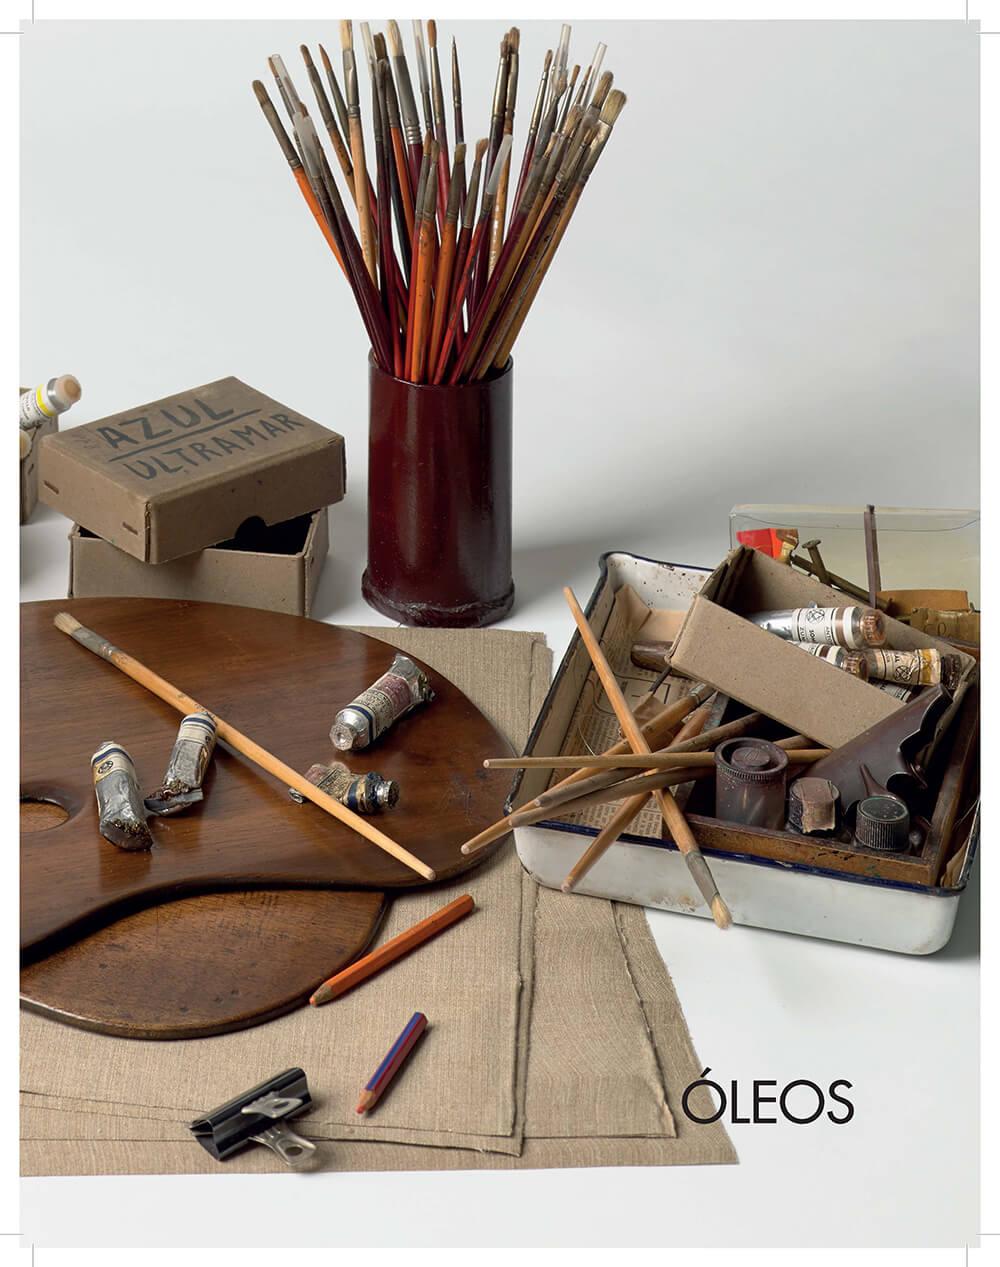 Catálogo razonado de las obras del pintor Aurelio Suárez incluidas en su colección